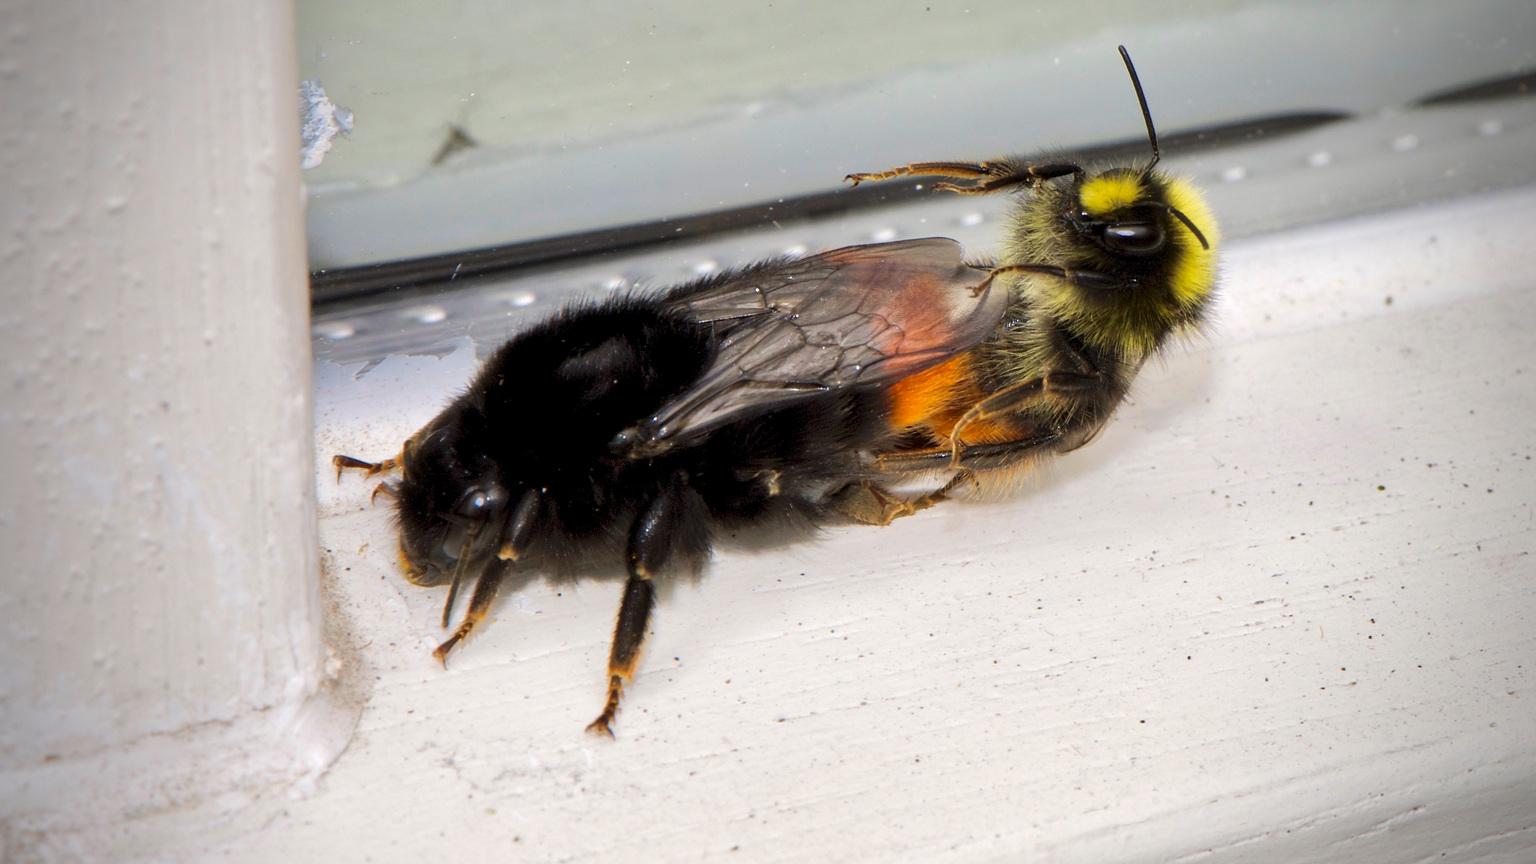 bijen sex???? - Doen ze het nou of niet? - foto door karel.groeneweg op 13-04-2021 - deze foto bevat: bestuiver, insect, geleedpotigen, plaag, parasiet, insect met membraanvleugels, vlieg, diptera, vleugel, insecten met netvleugels